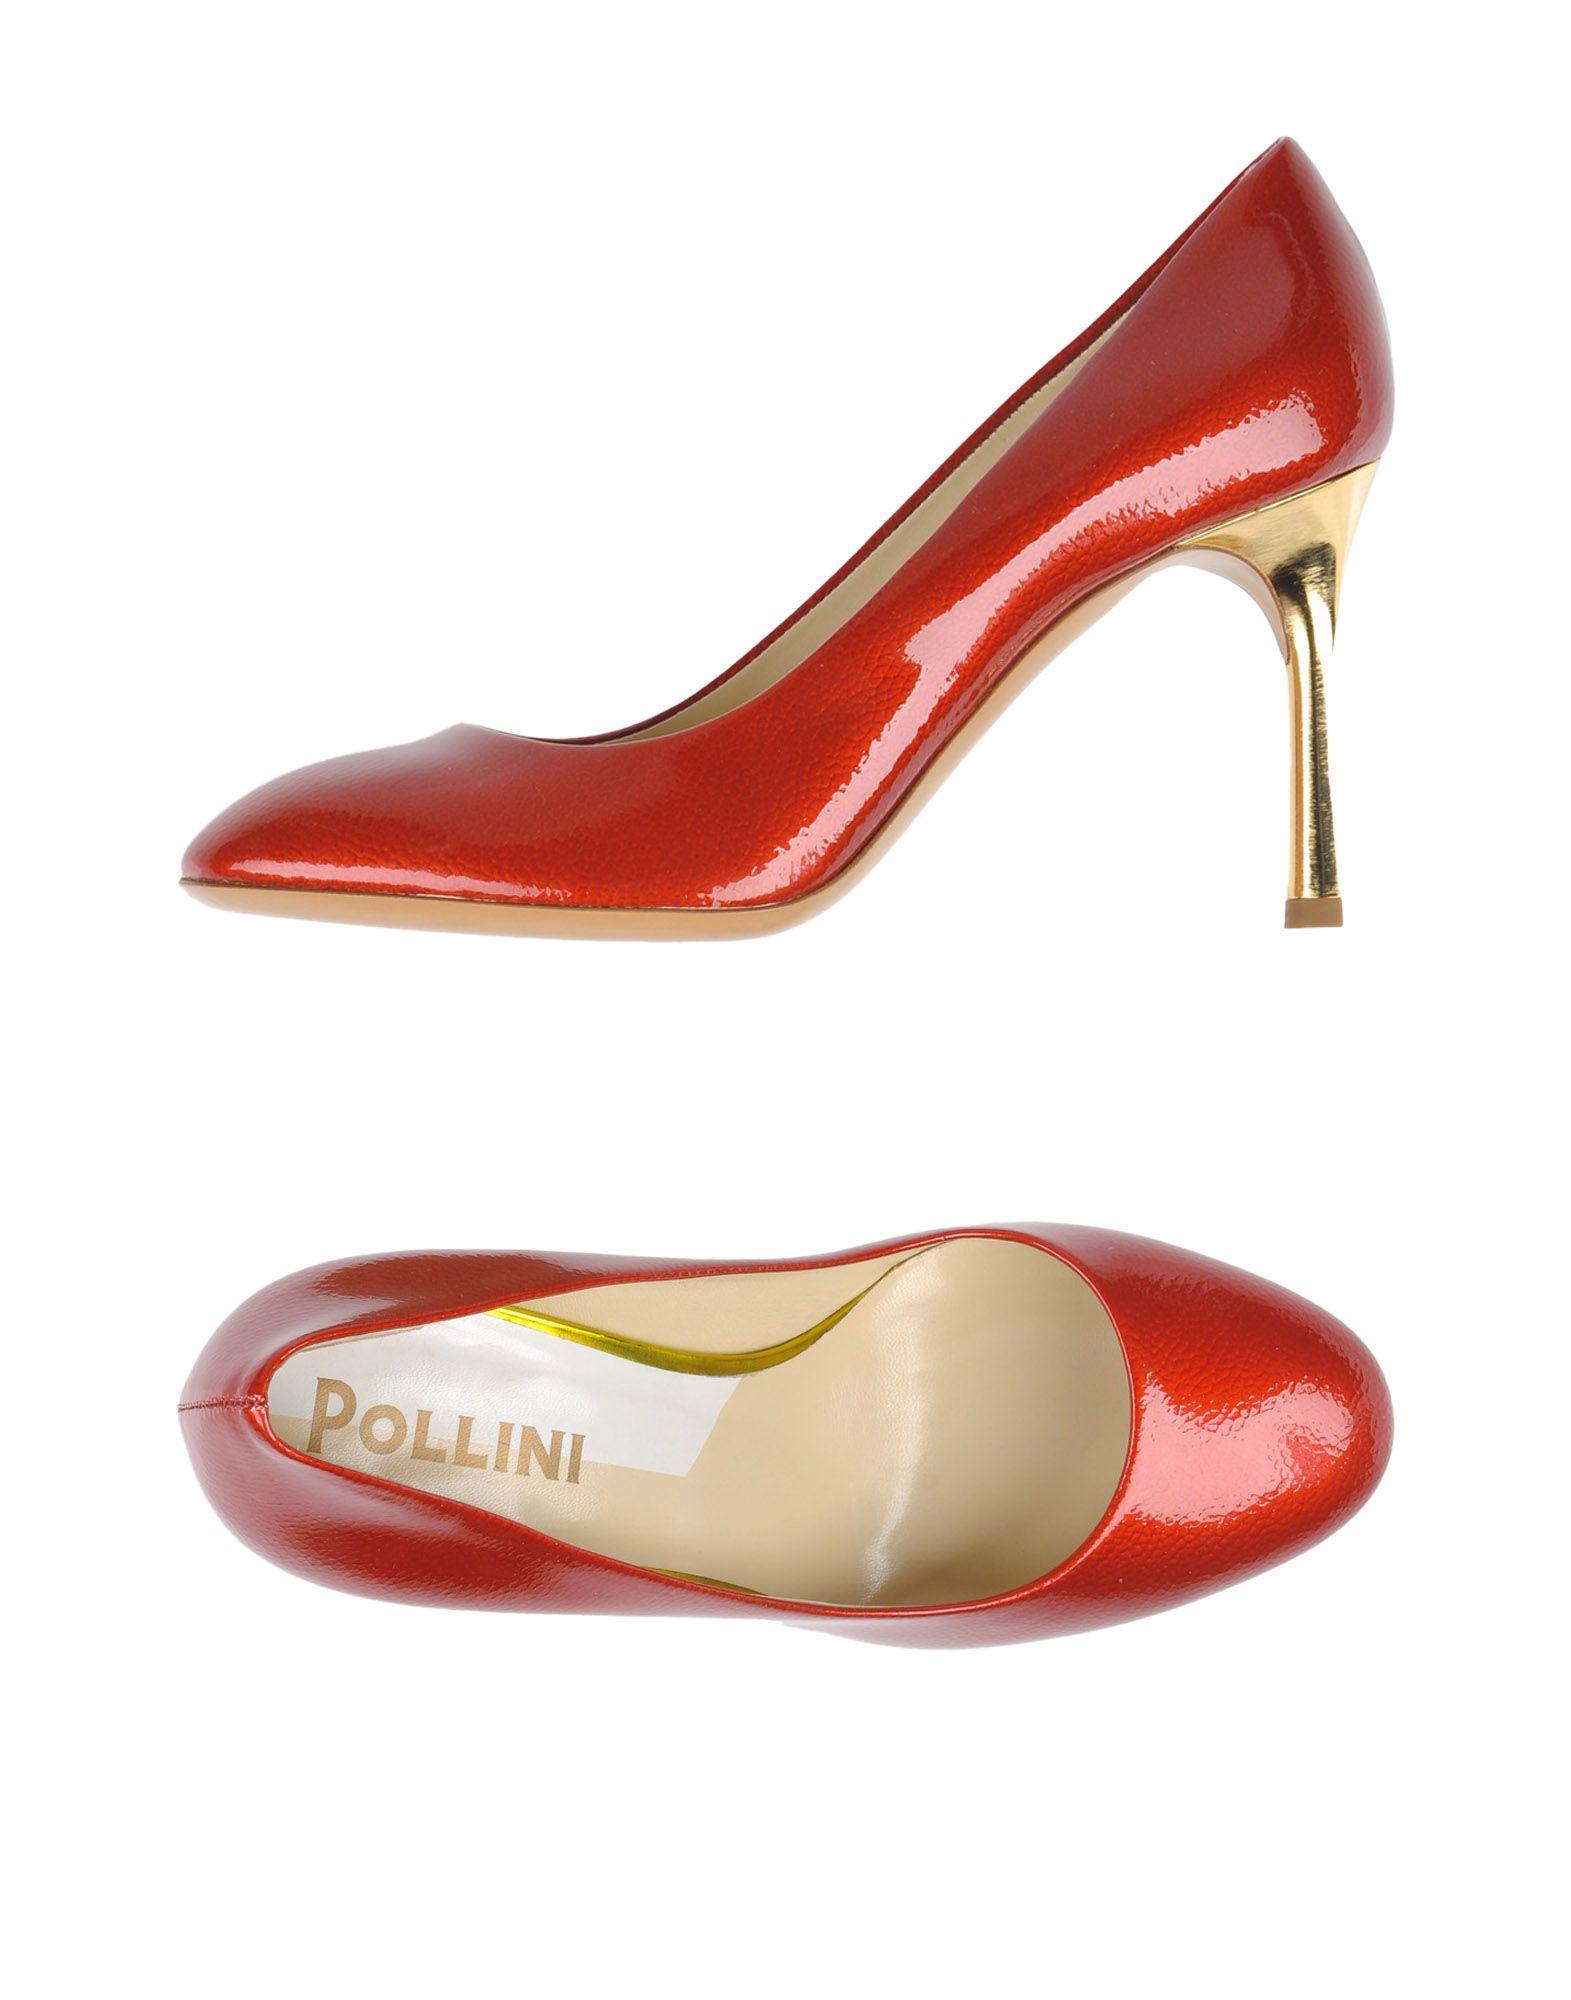 Moda Décolleté Pollini Donna - 11340744ST